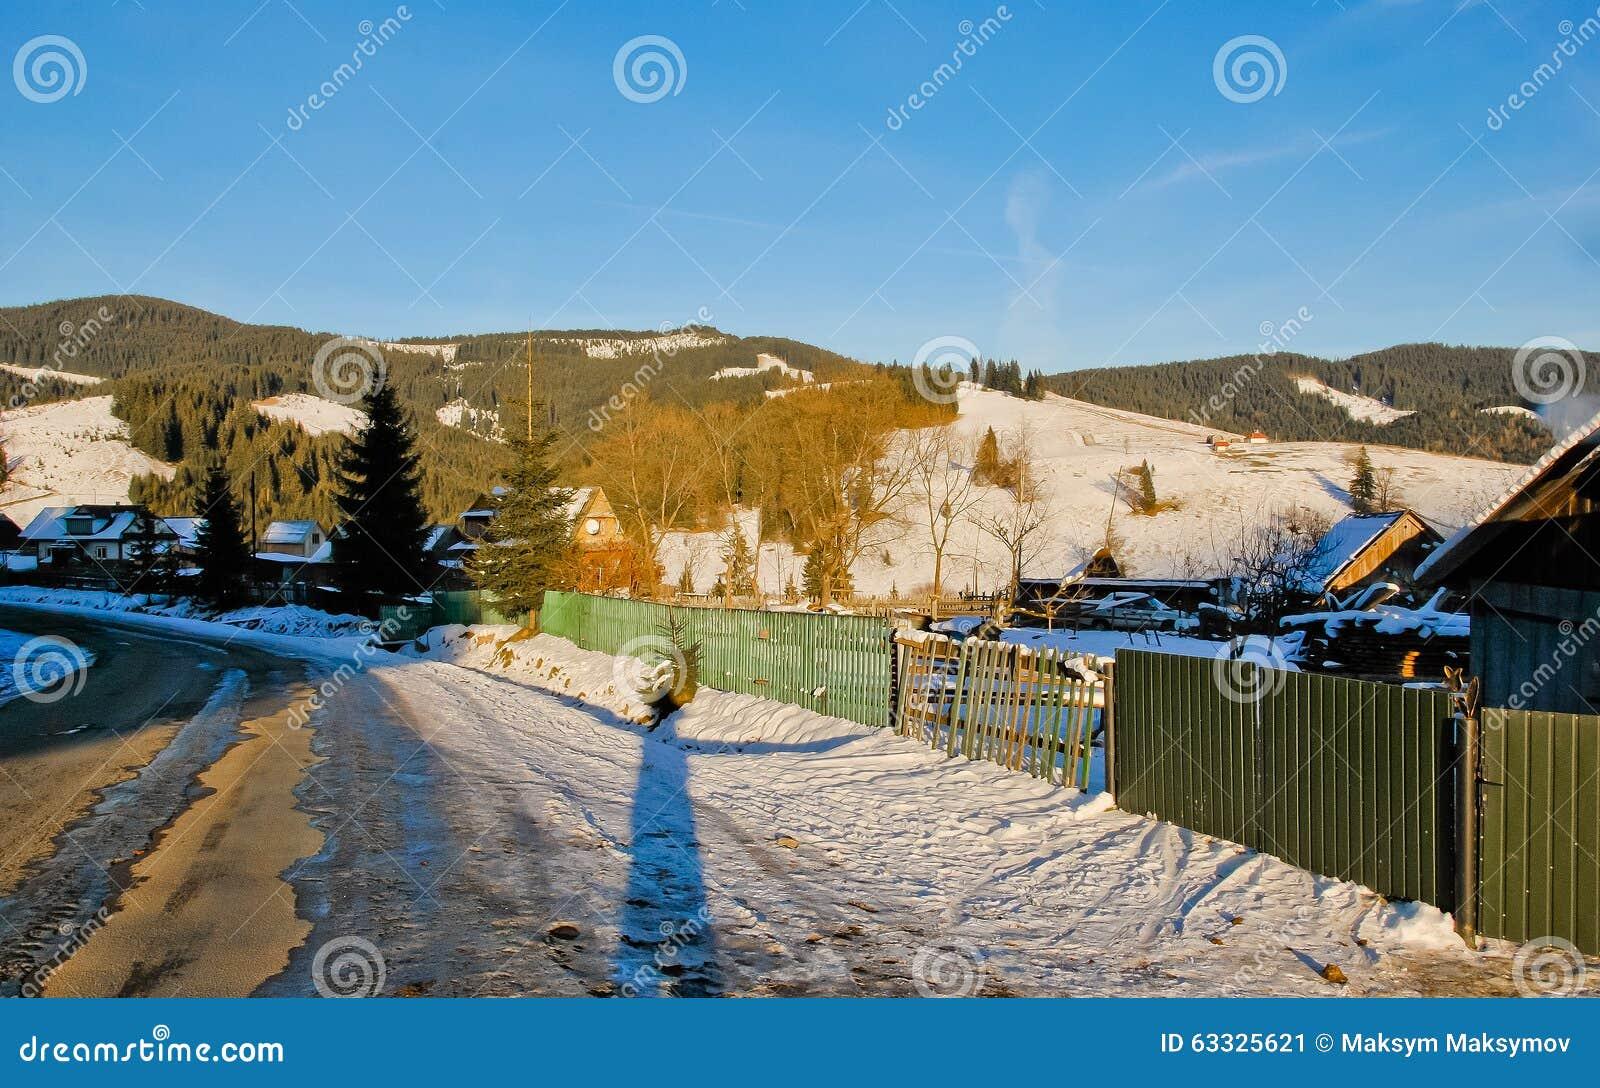 Case Di Montagna In Legno : Paesaggio del paesino di montagna con le case di legno al tramonto